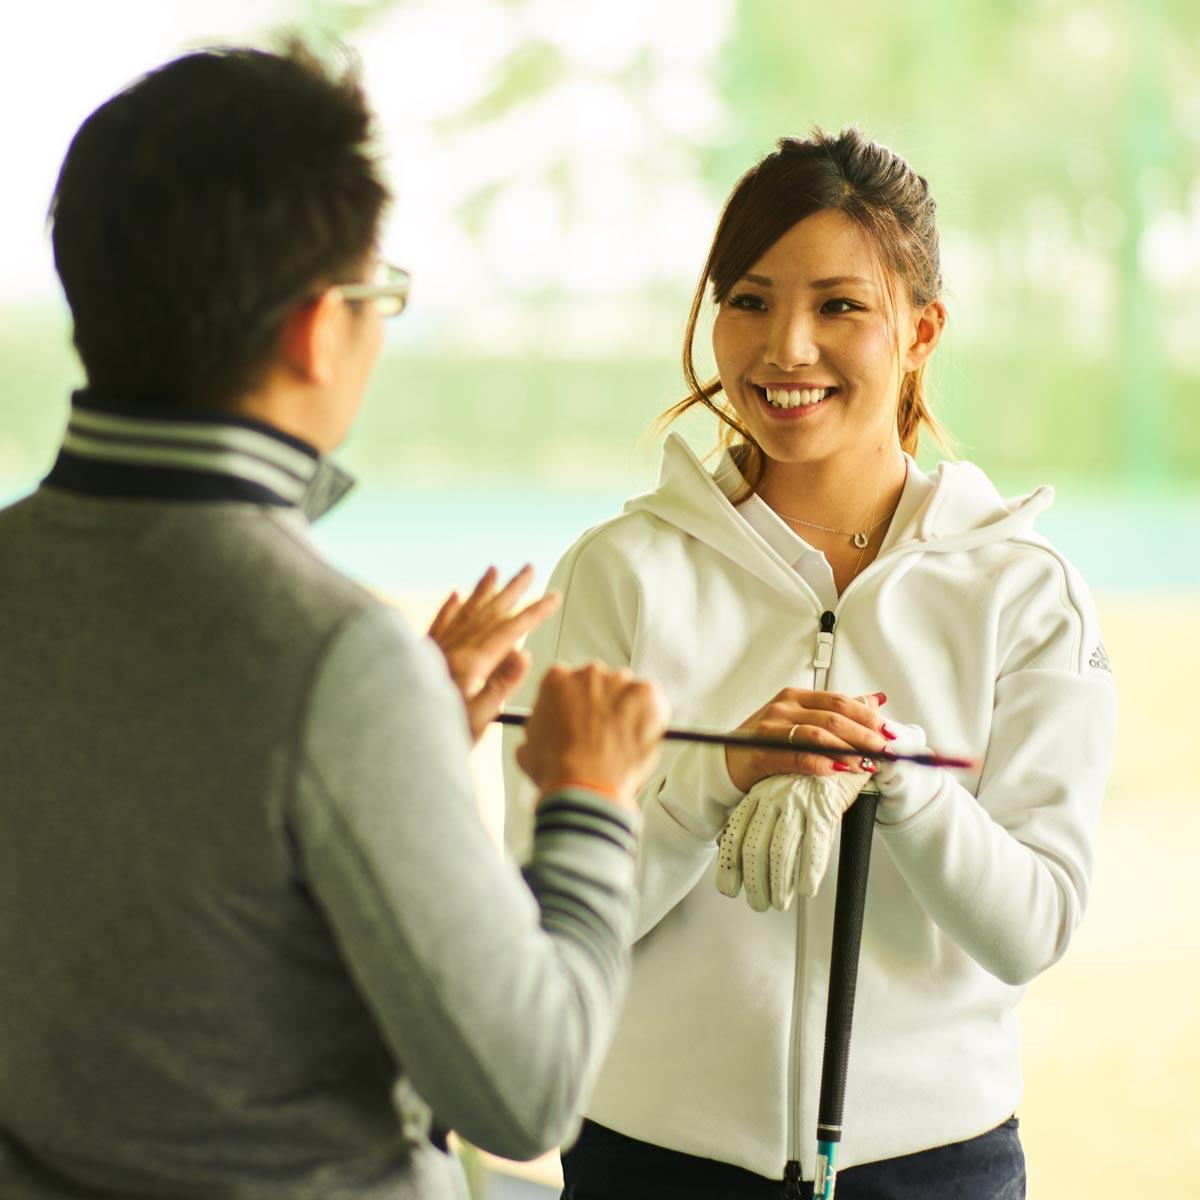 競技系女子のクラブ選び#1 メンズモデル、女子には長すぎる!?